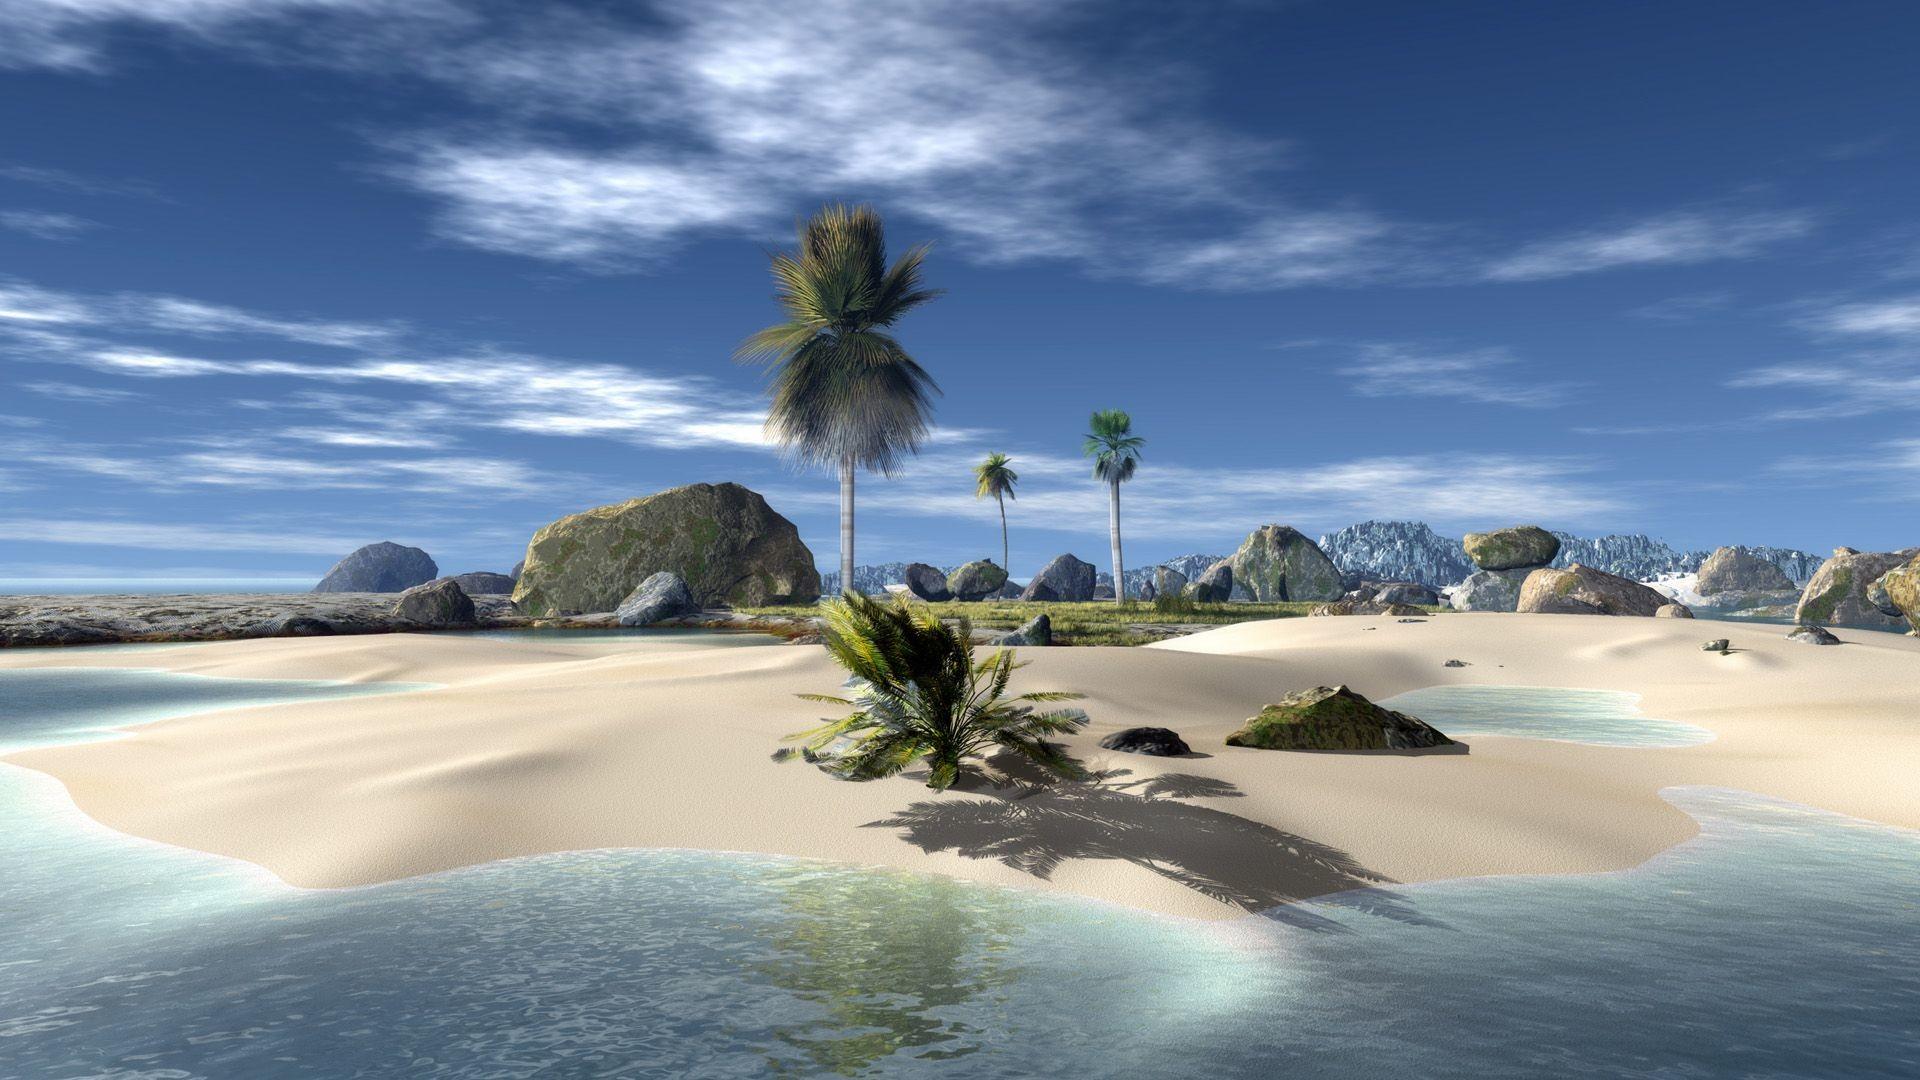 3d-Island-Computer-Screen-Wallpapers.jpg